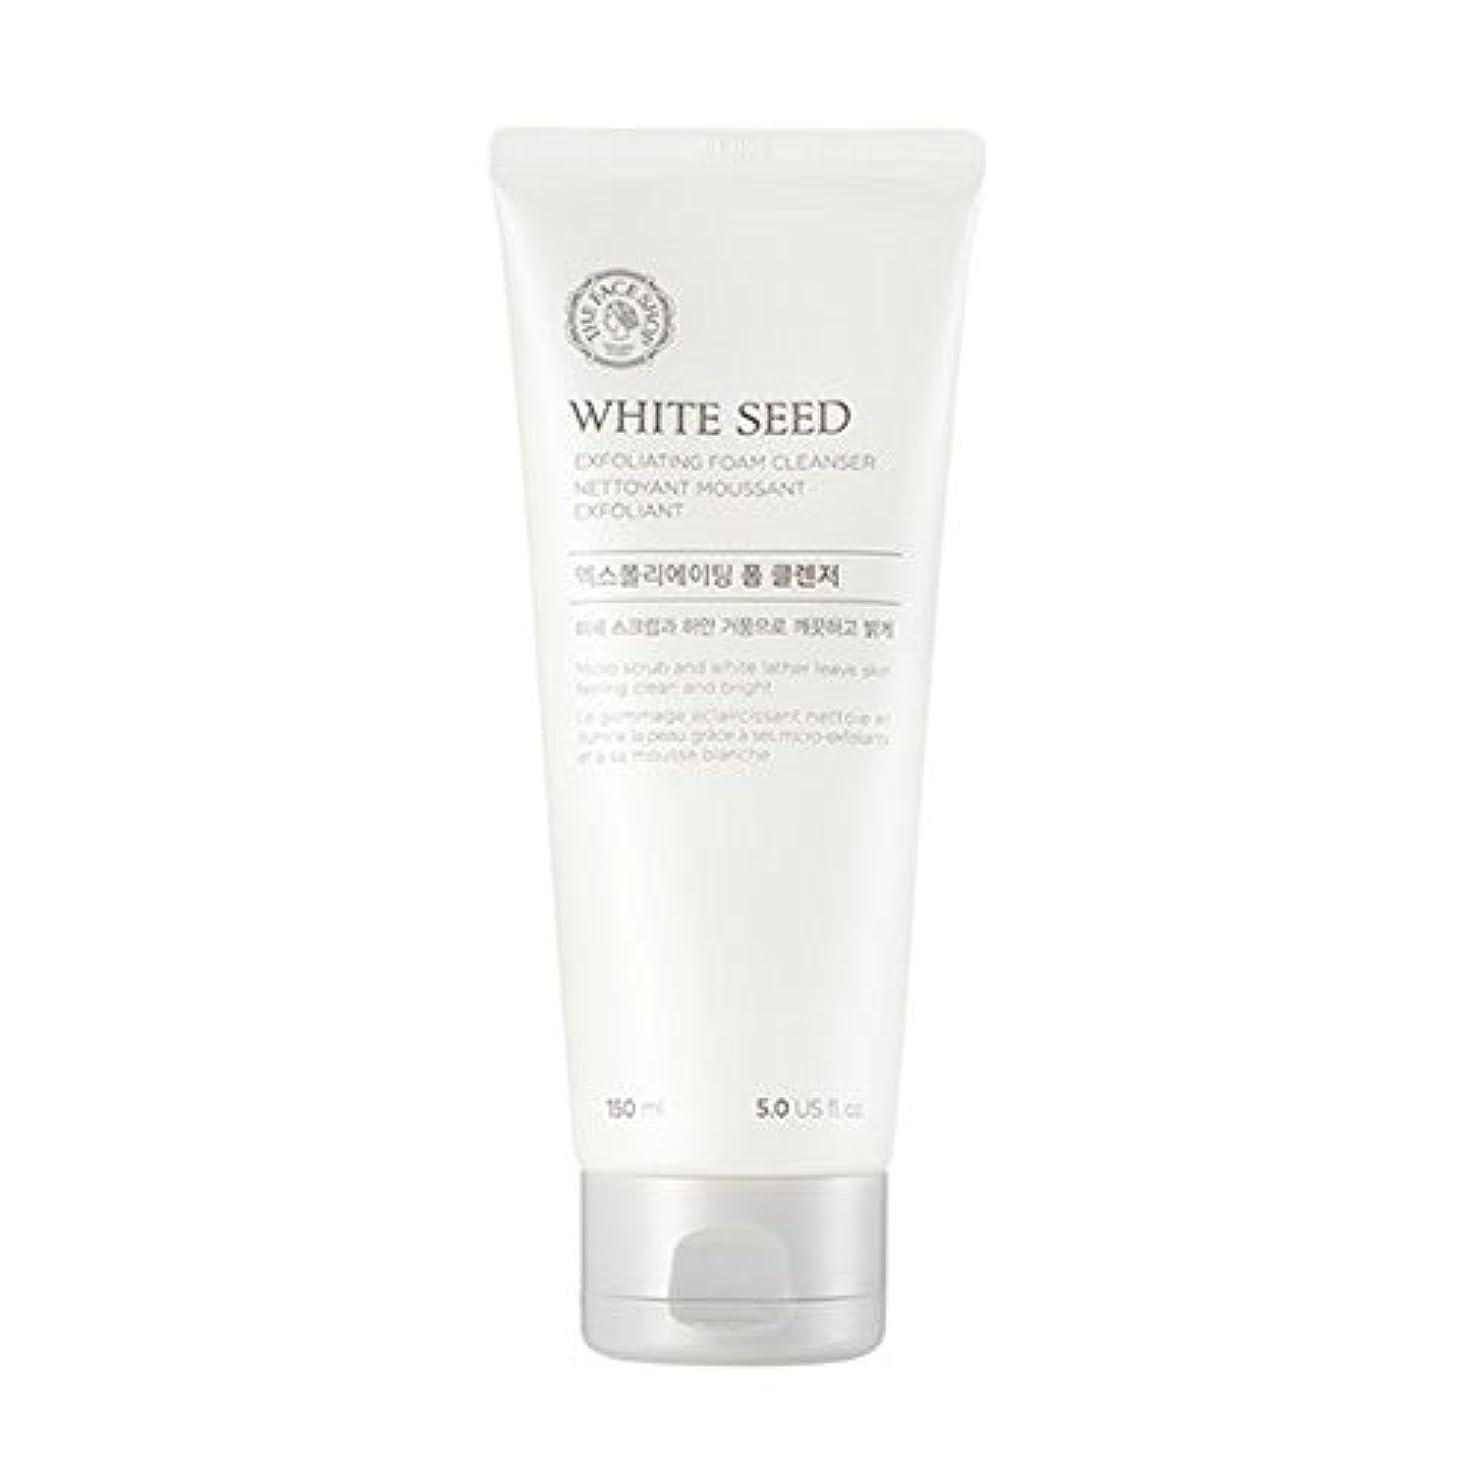 ご覧ください偽消毒する[ザフェイスショップ] The Face Shop ホワイトシードエクスフォリエイティングクレンザー(150ml) The Face Shop White Seed Exfoliating Foam Cleanser(150ml...